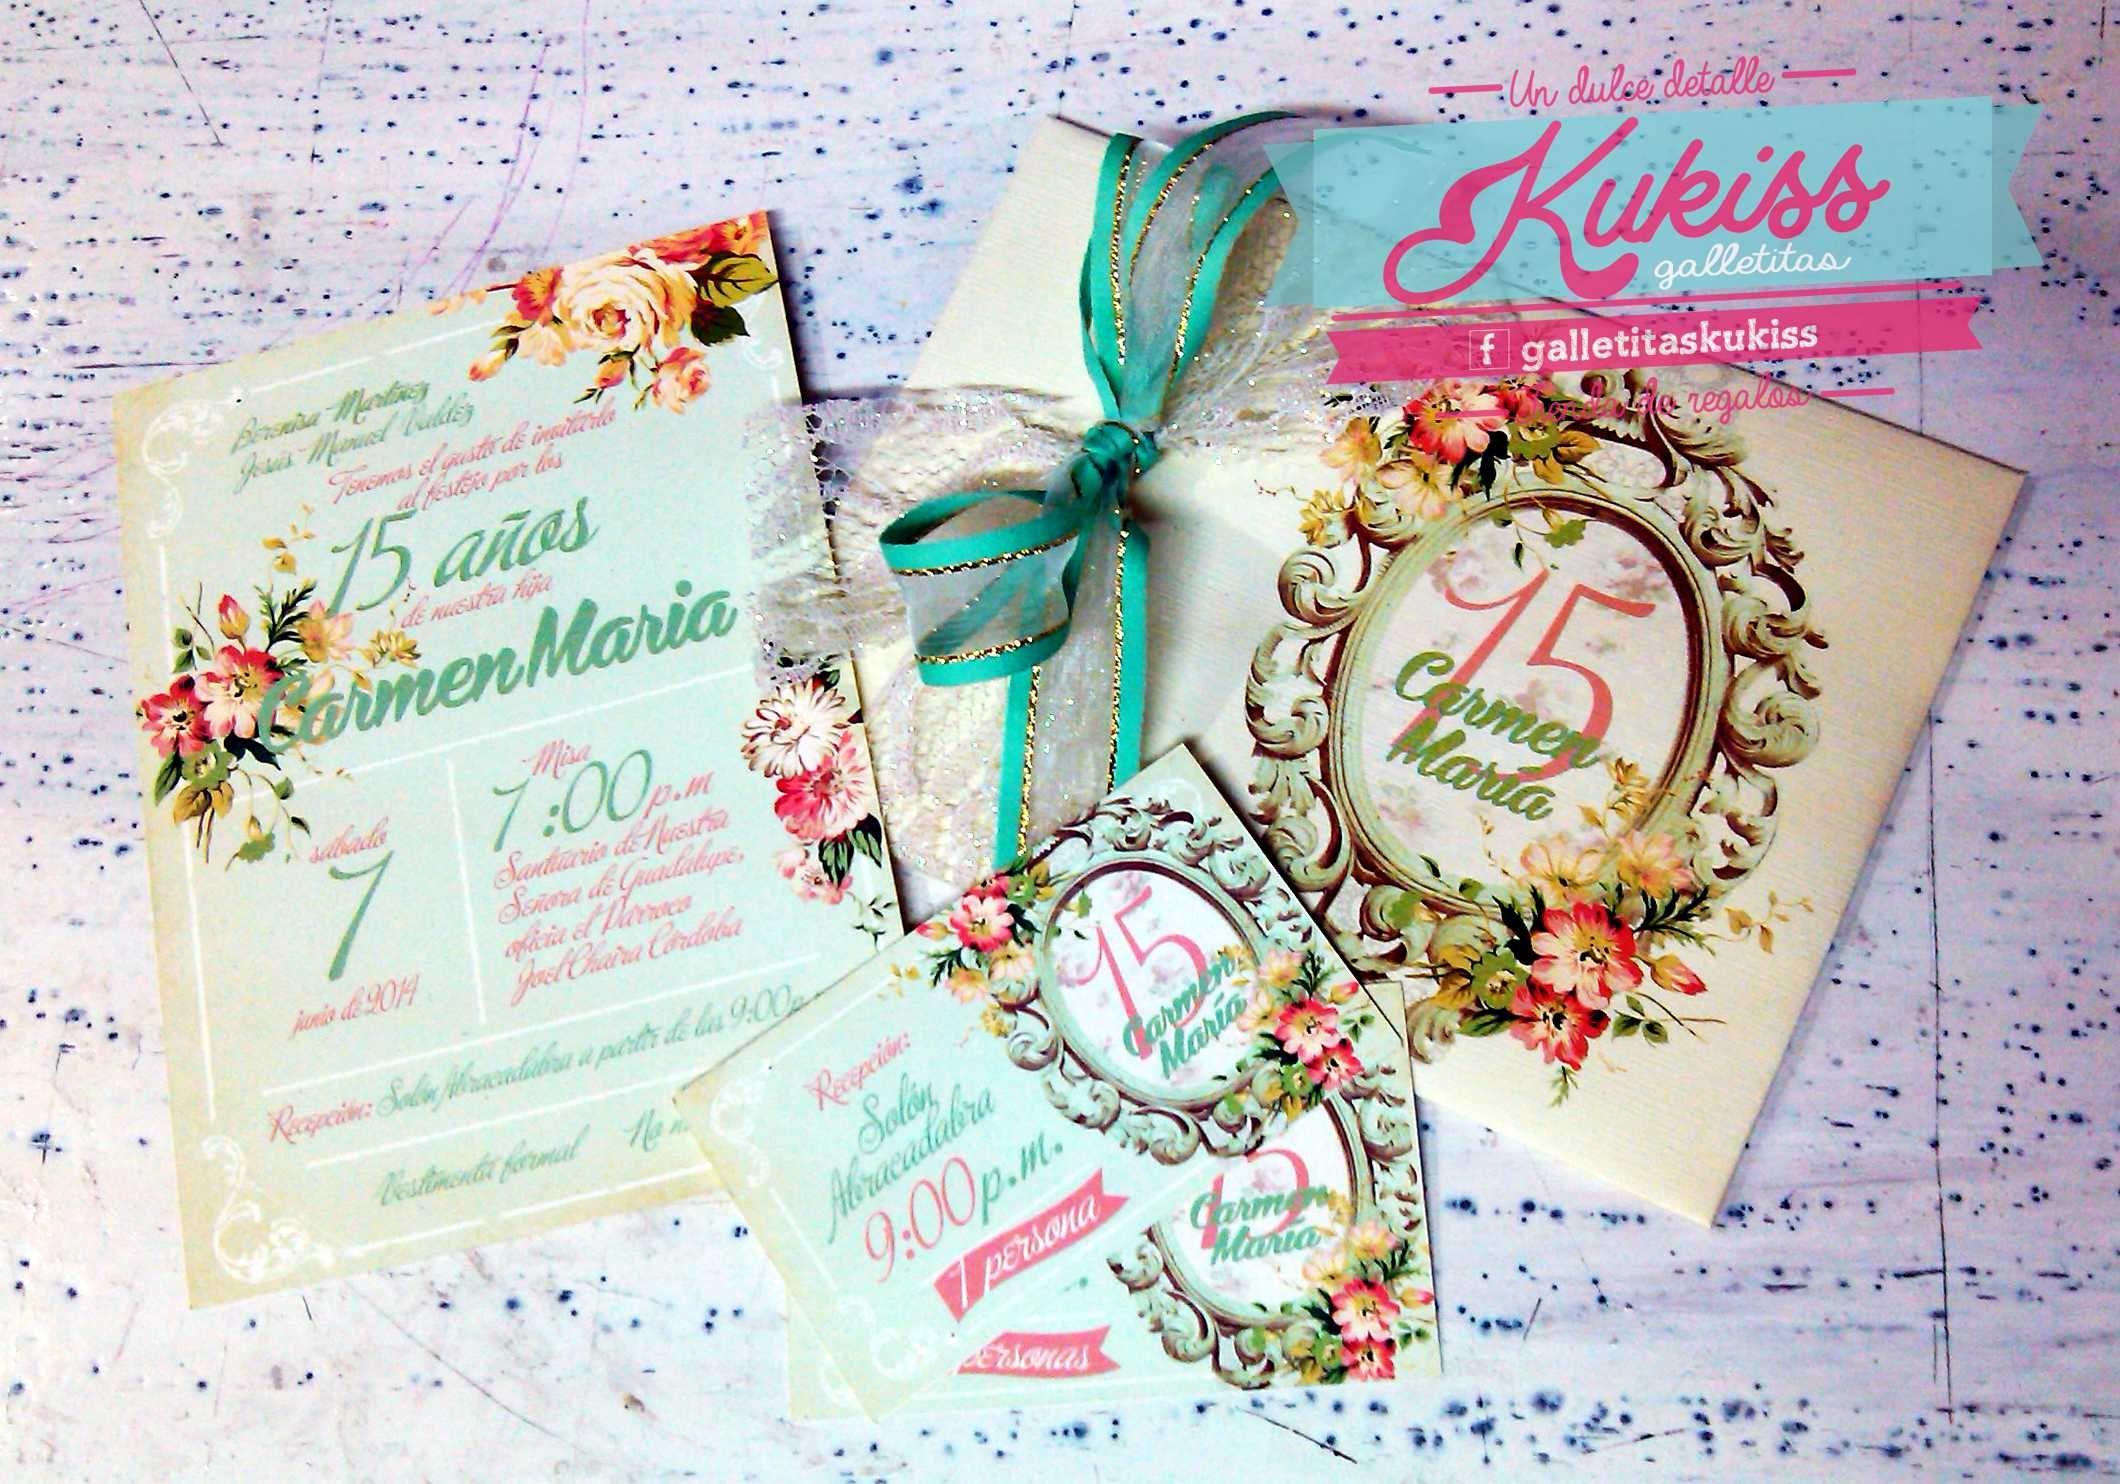 Invitaciones Para 15 Años Estilo Vintage Invitaciones